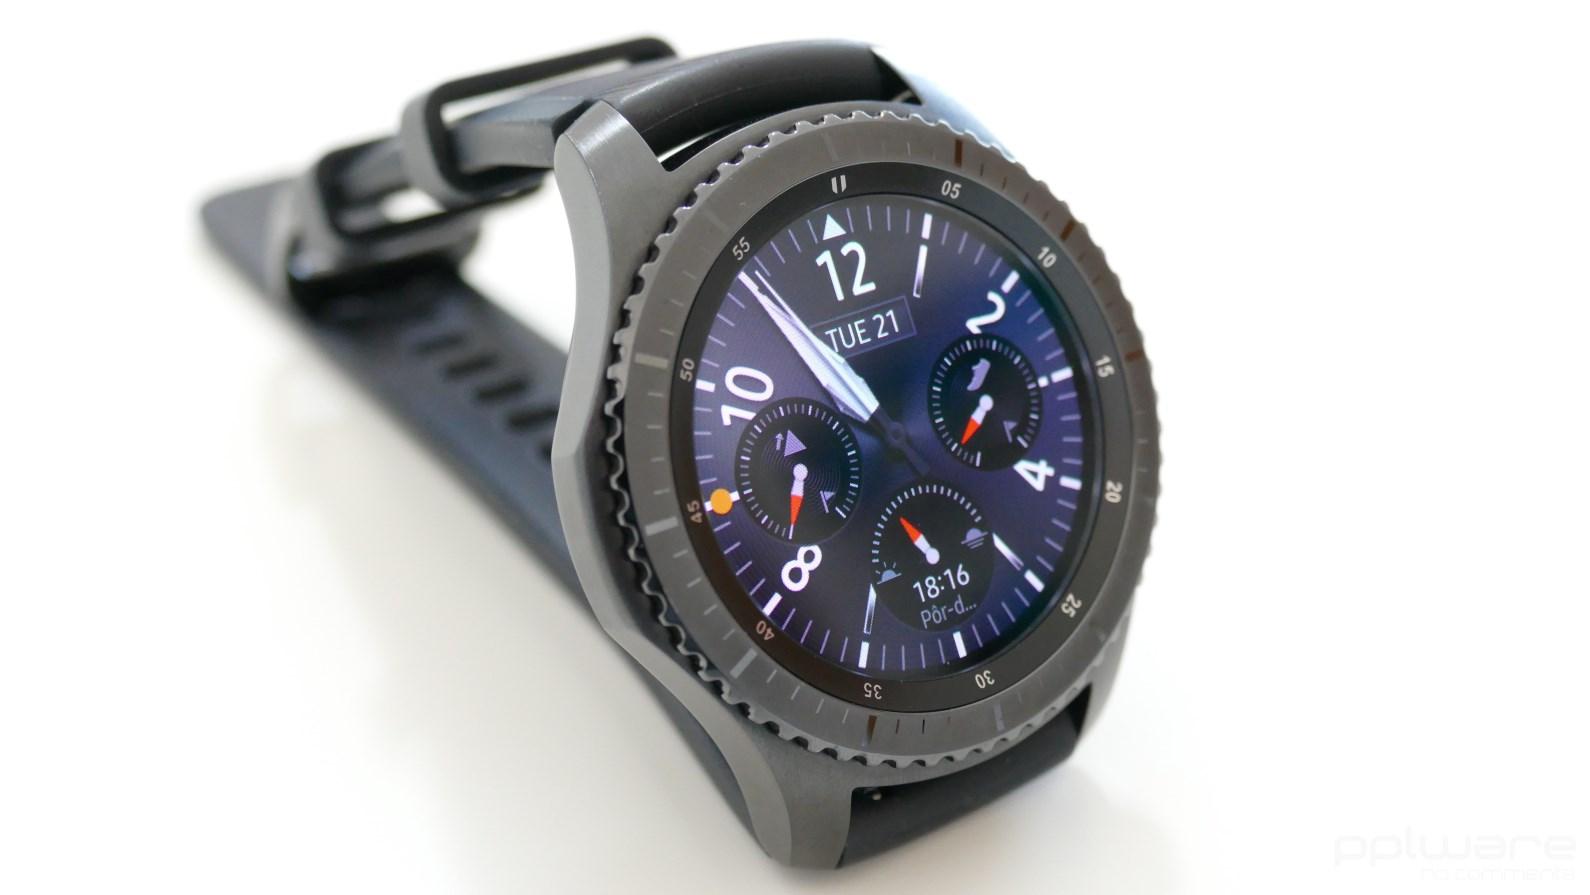 d2b8986d741 Análise ao smartwatch Samsung Gear S3 Frontier - Pplware